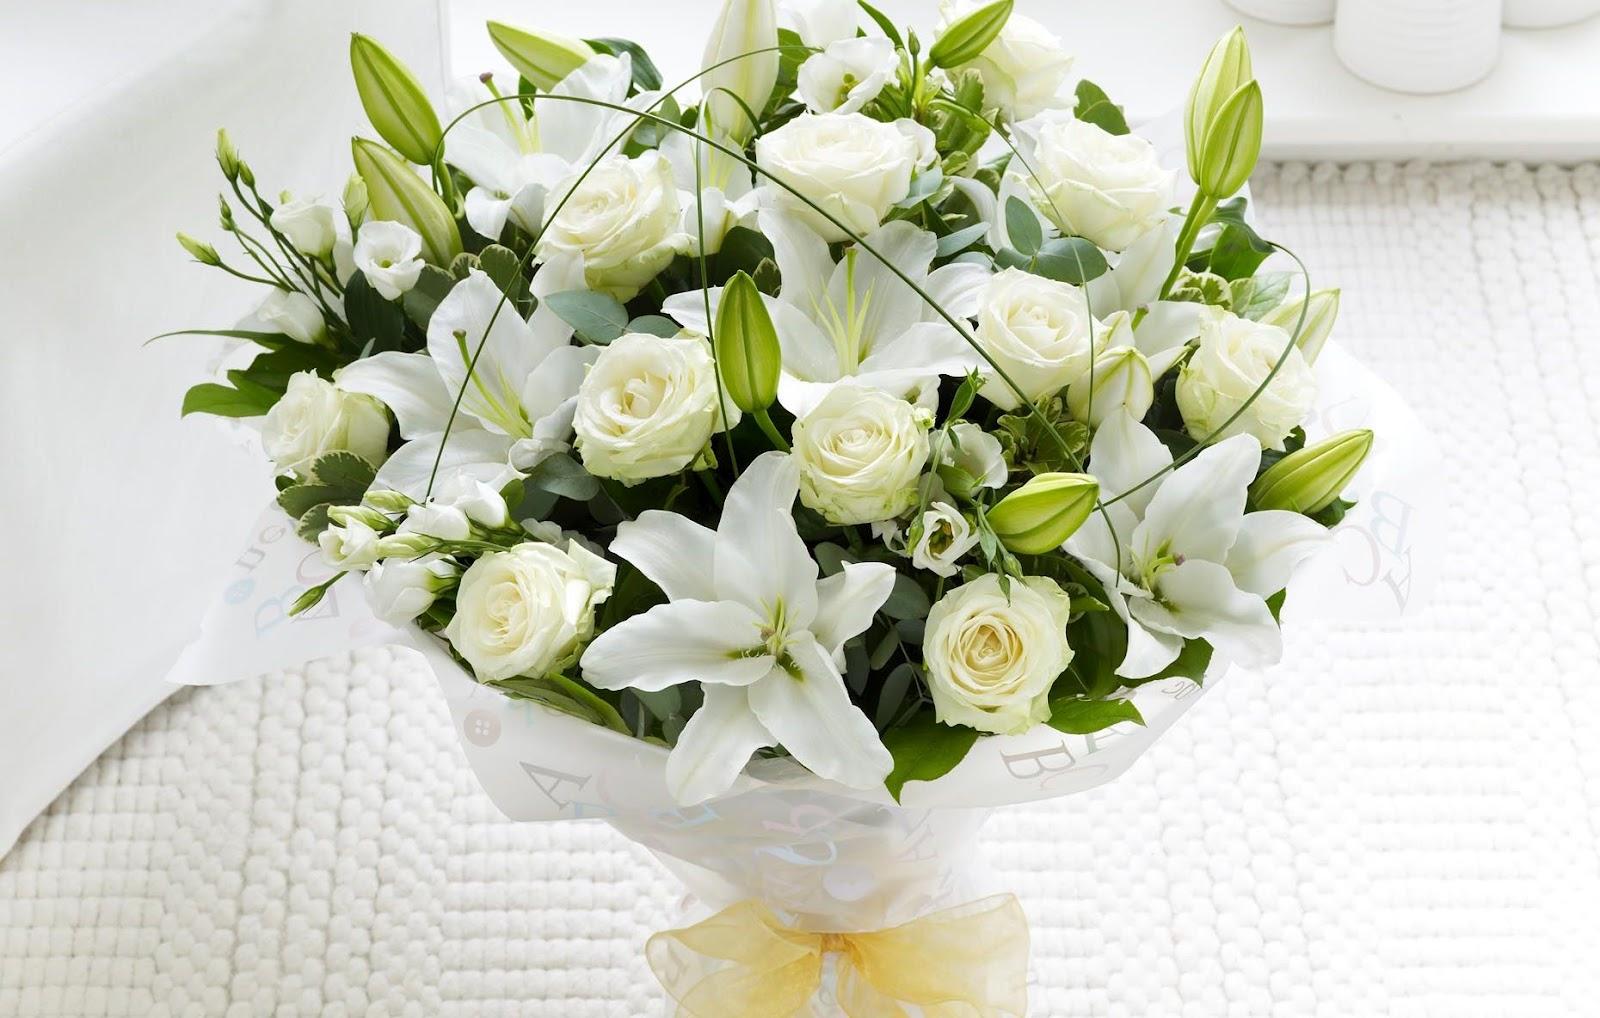 September 2012 Flowers World